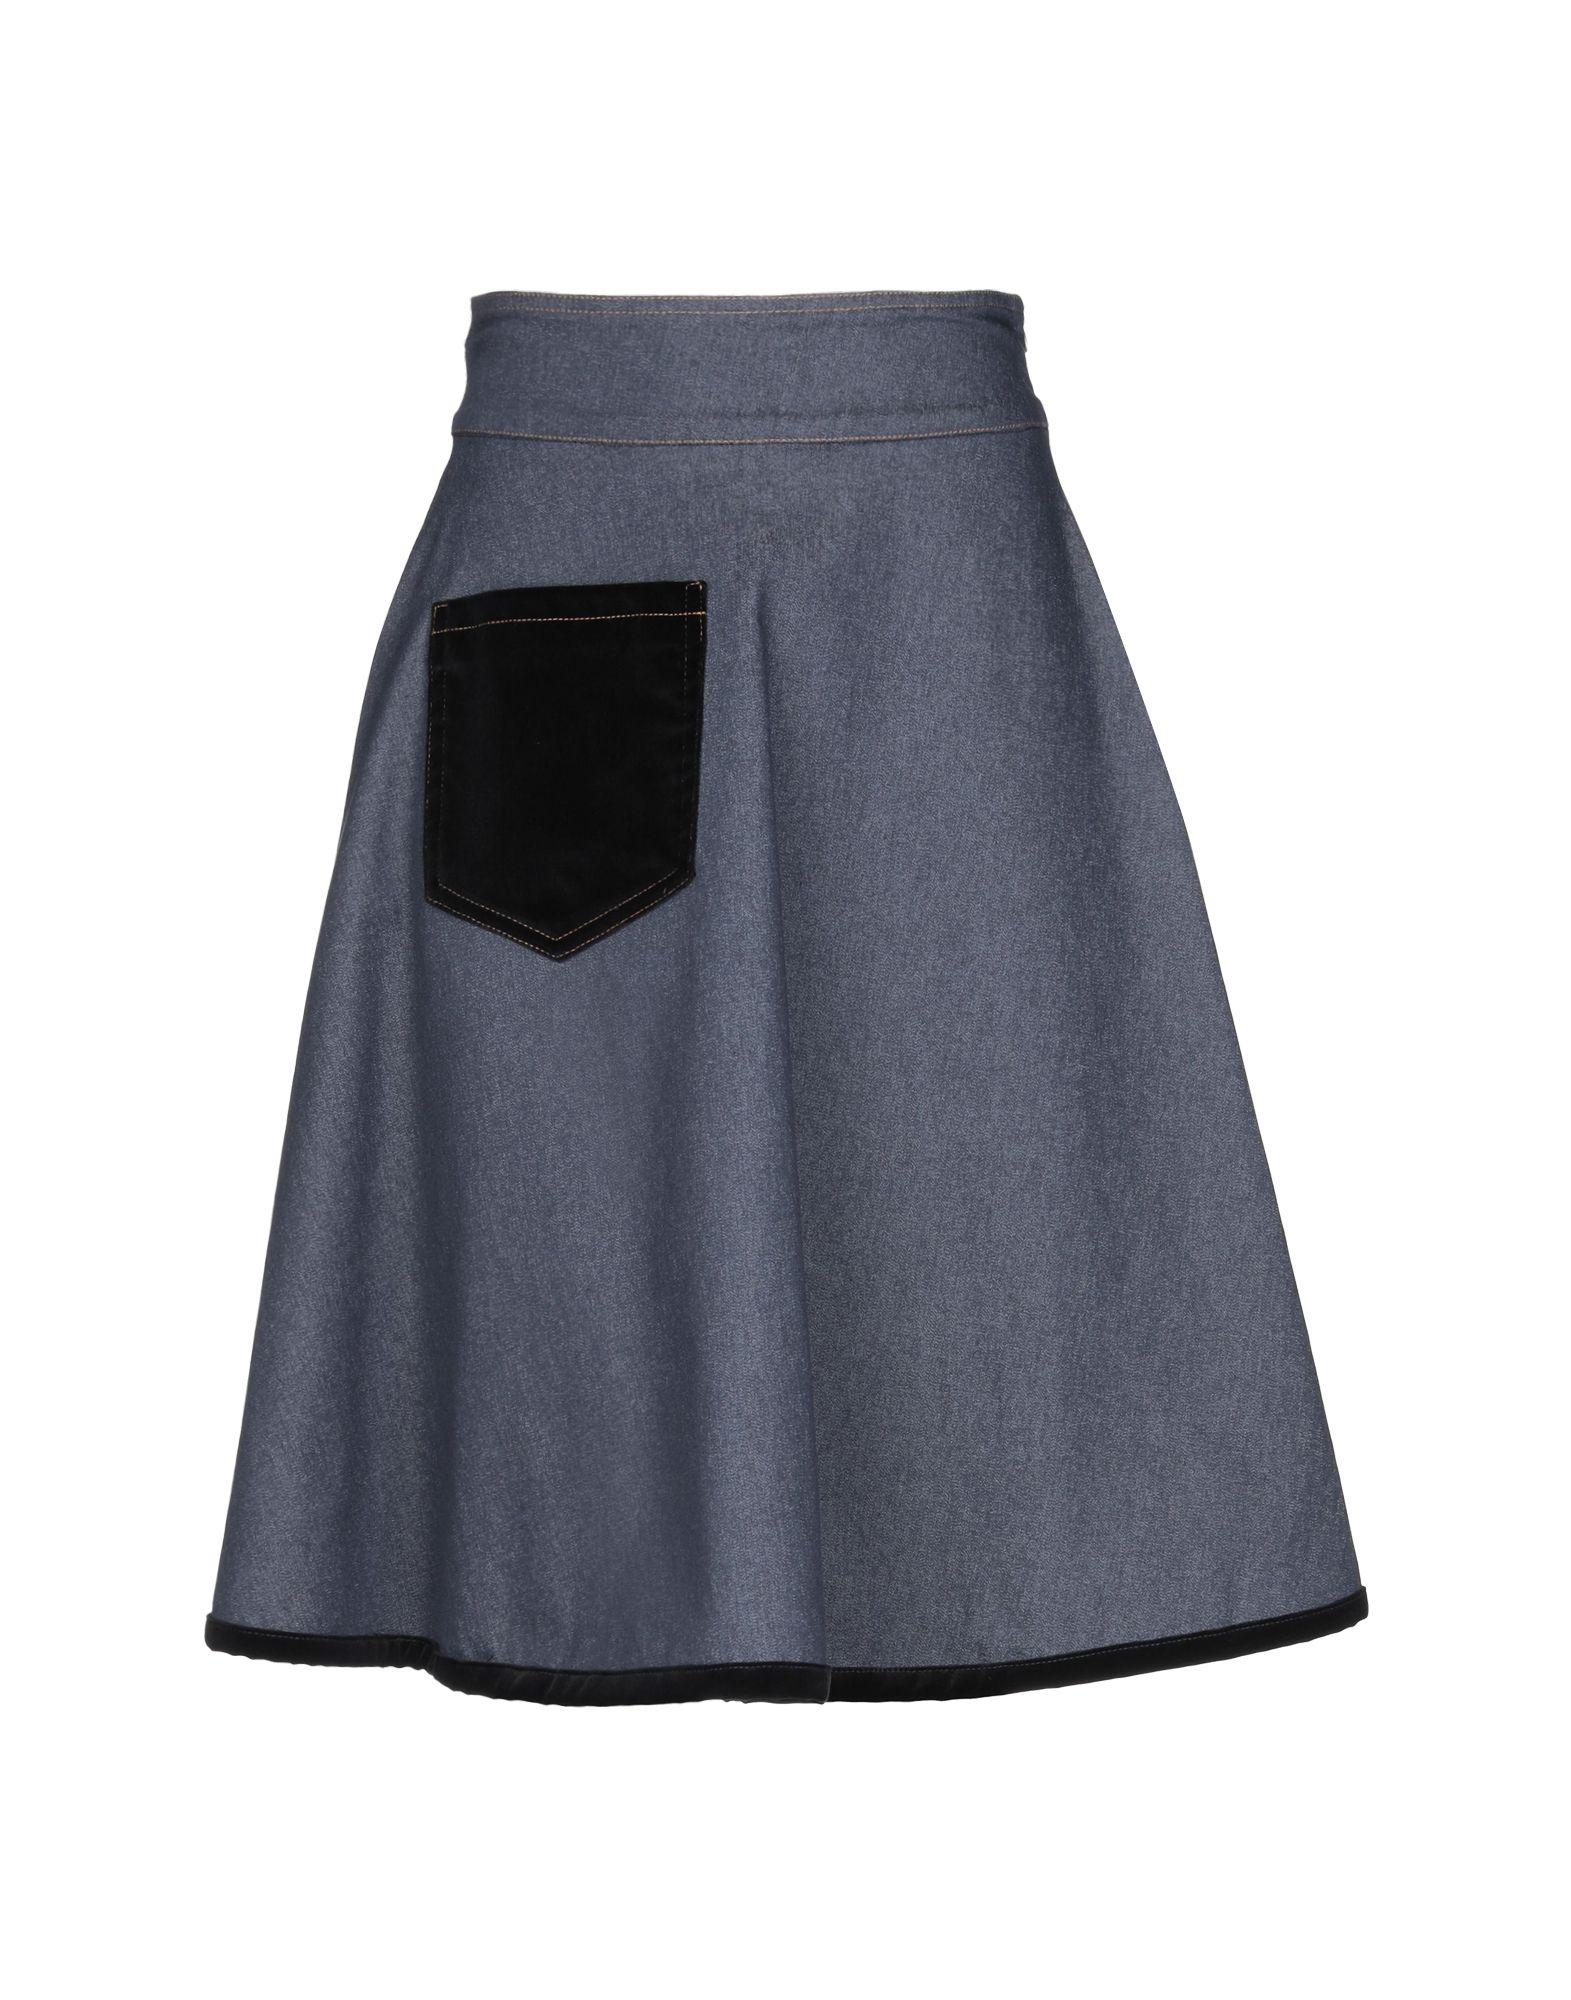 Фото - ANNIE P. Джинсовая юбка pieces джинсовая юбка